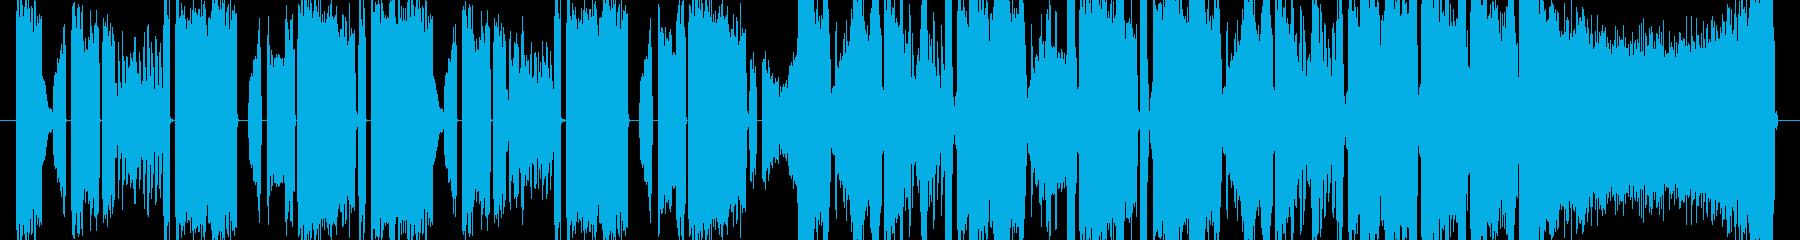 弾けるように明るいテクノポップの再生済みの波形